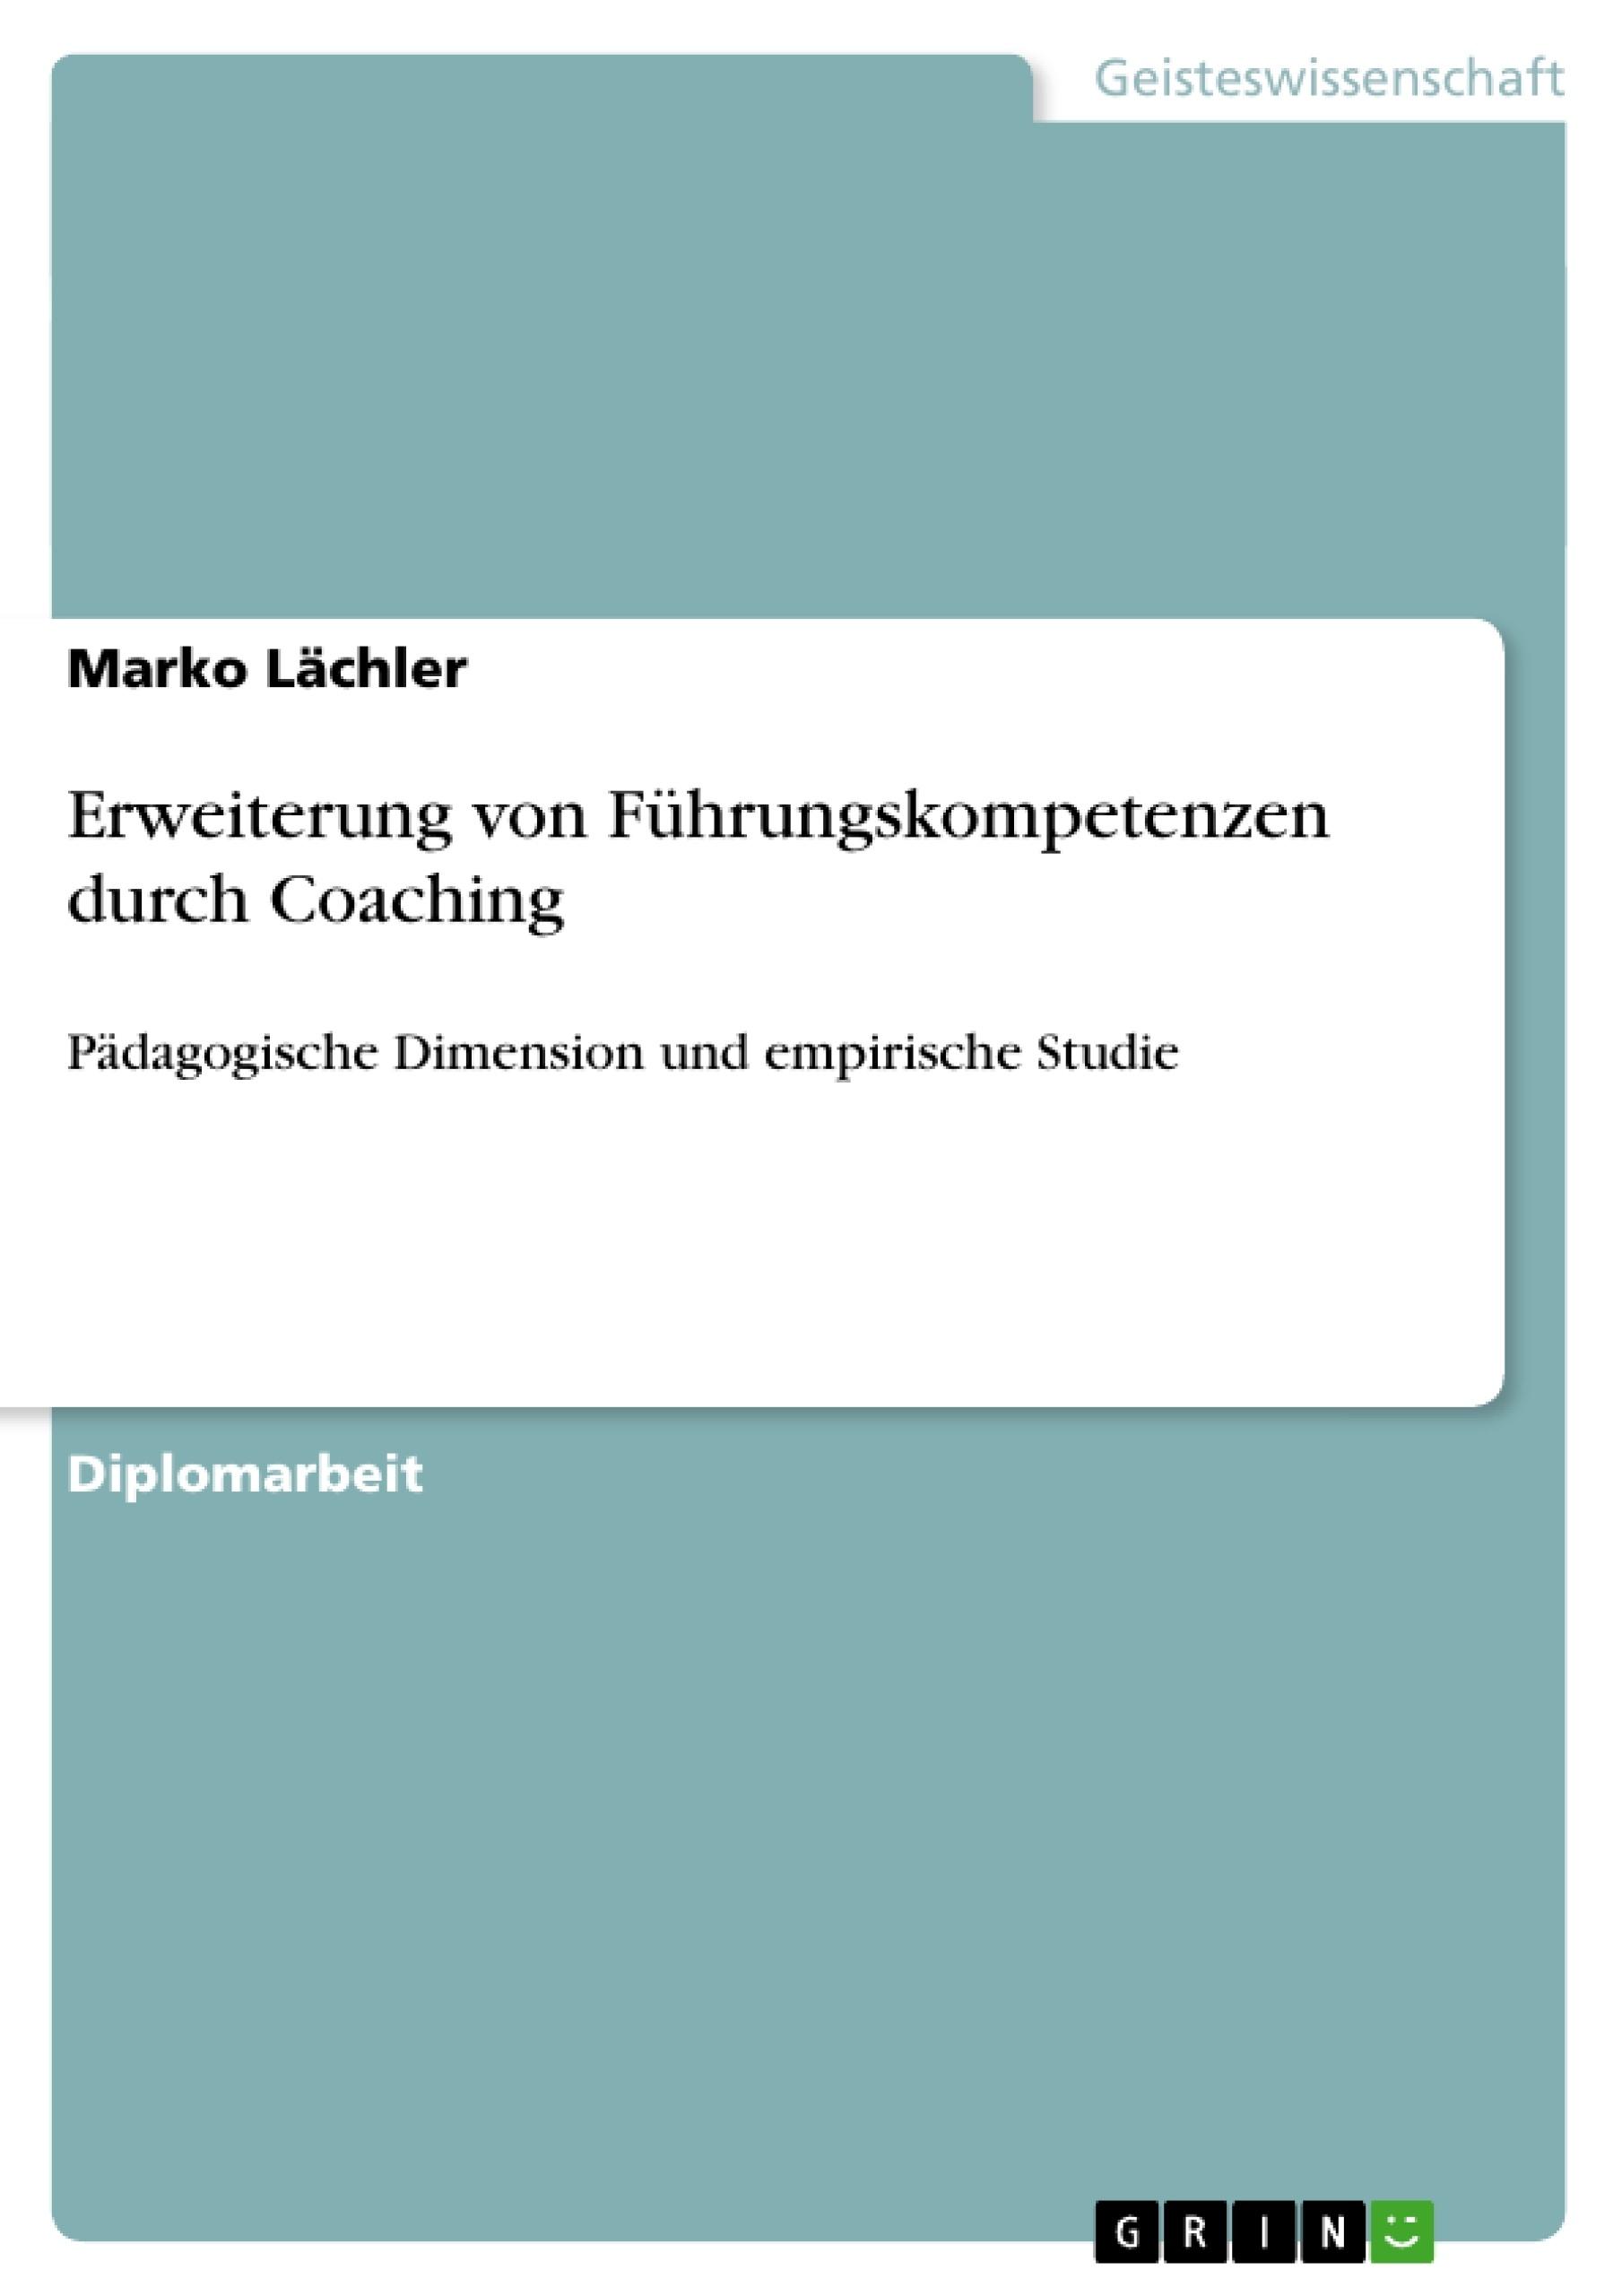 Titel: Erweiterung von Führungskompetenzen durch Coaching